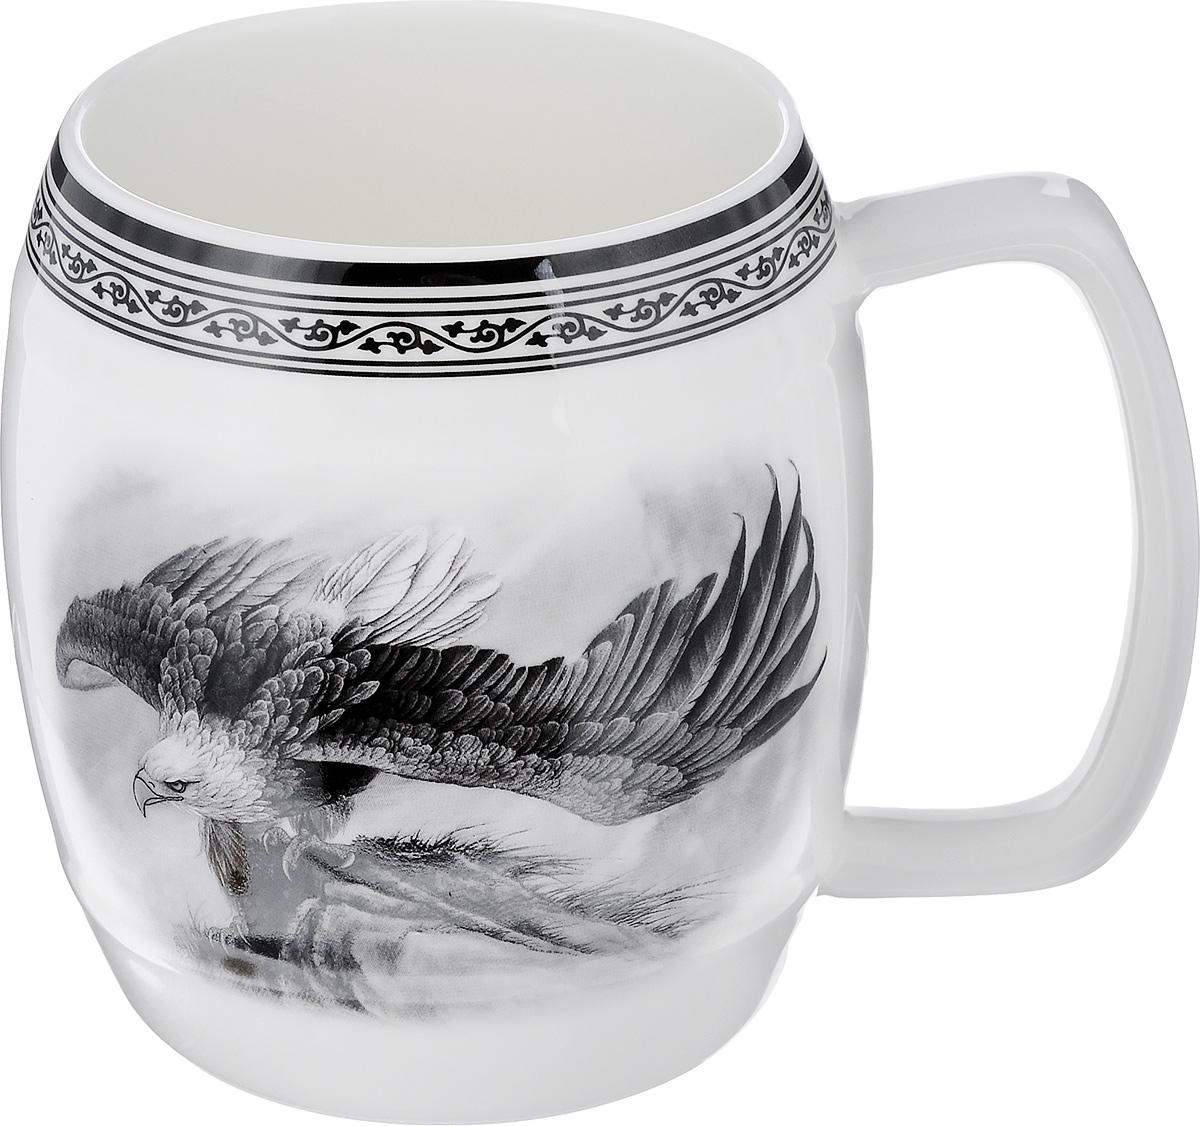 Кружка пивная Elan Gallery Орел, 700 мл530023Большая кружка Elan Gallery Орел, выполненная из керамики, станет оригинальным подарком любимым мужчинам! Идеальна для тех, кто предпочитает большие кружки, и для любителей чая, кофе и пенных напитков. Не рекомендуется применять абразивные моющие средства. Не использовать в микроволновой печи.